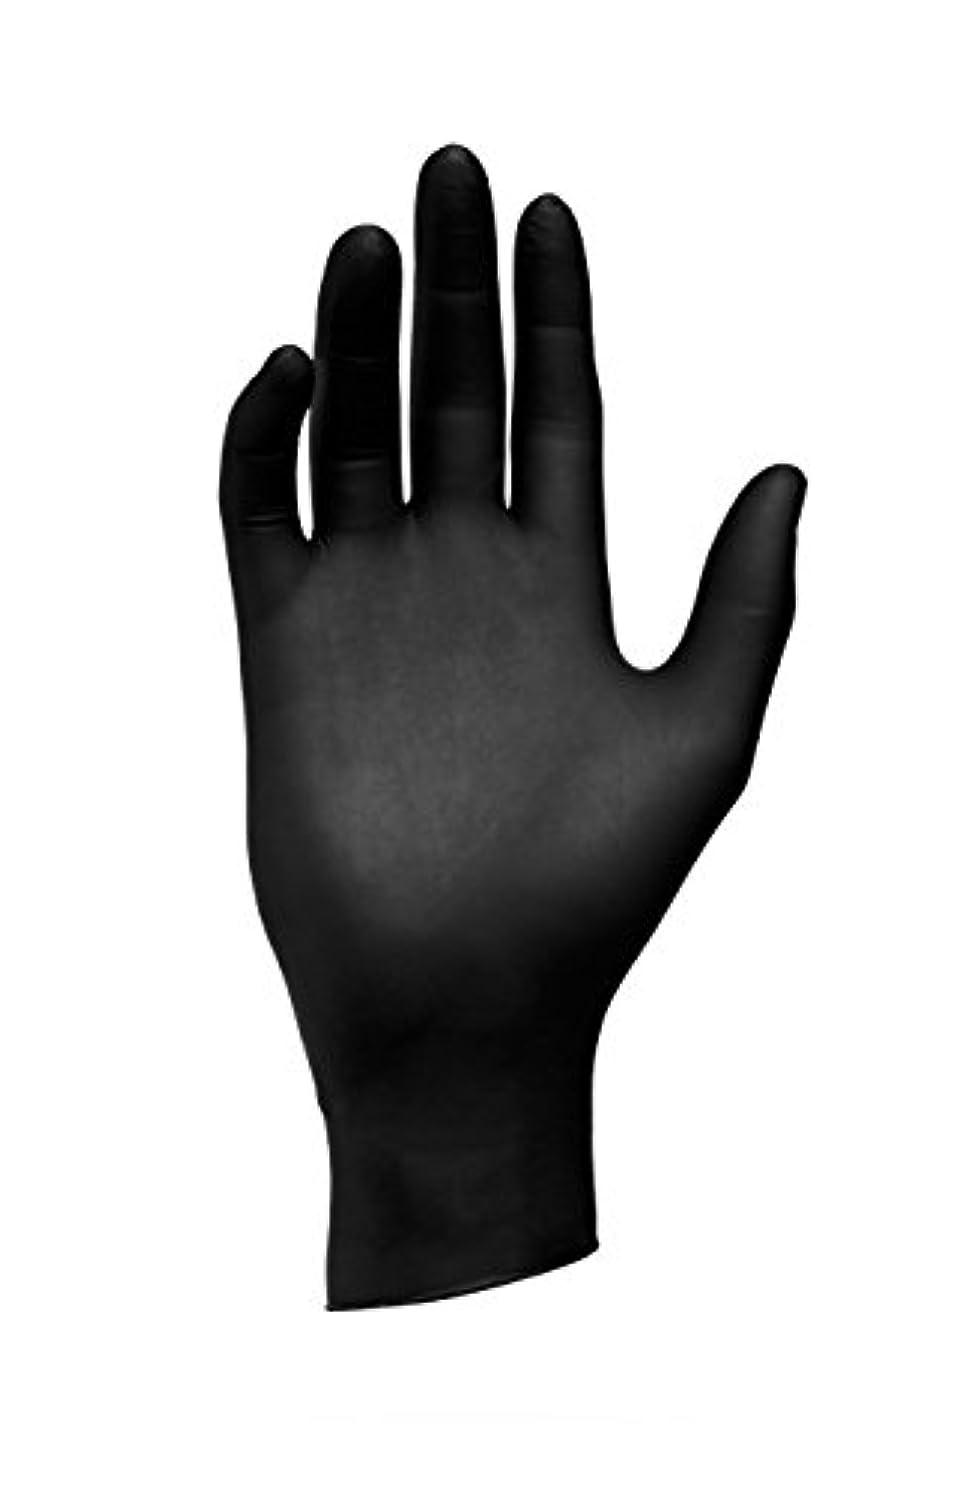 後方タクトストライプエバーメイト センパーガード ニトリルブラックグローブ ブラック L(8.0~8.5インチ)甲幅10cm 100枚入 6個セット